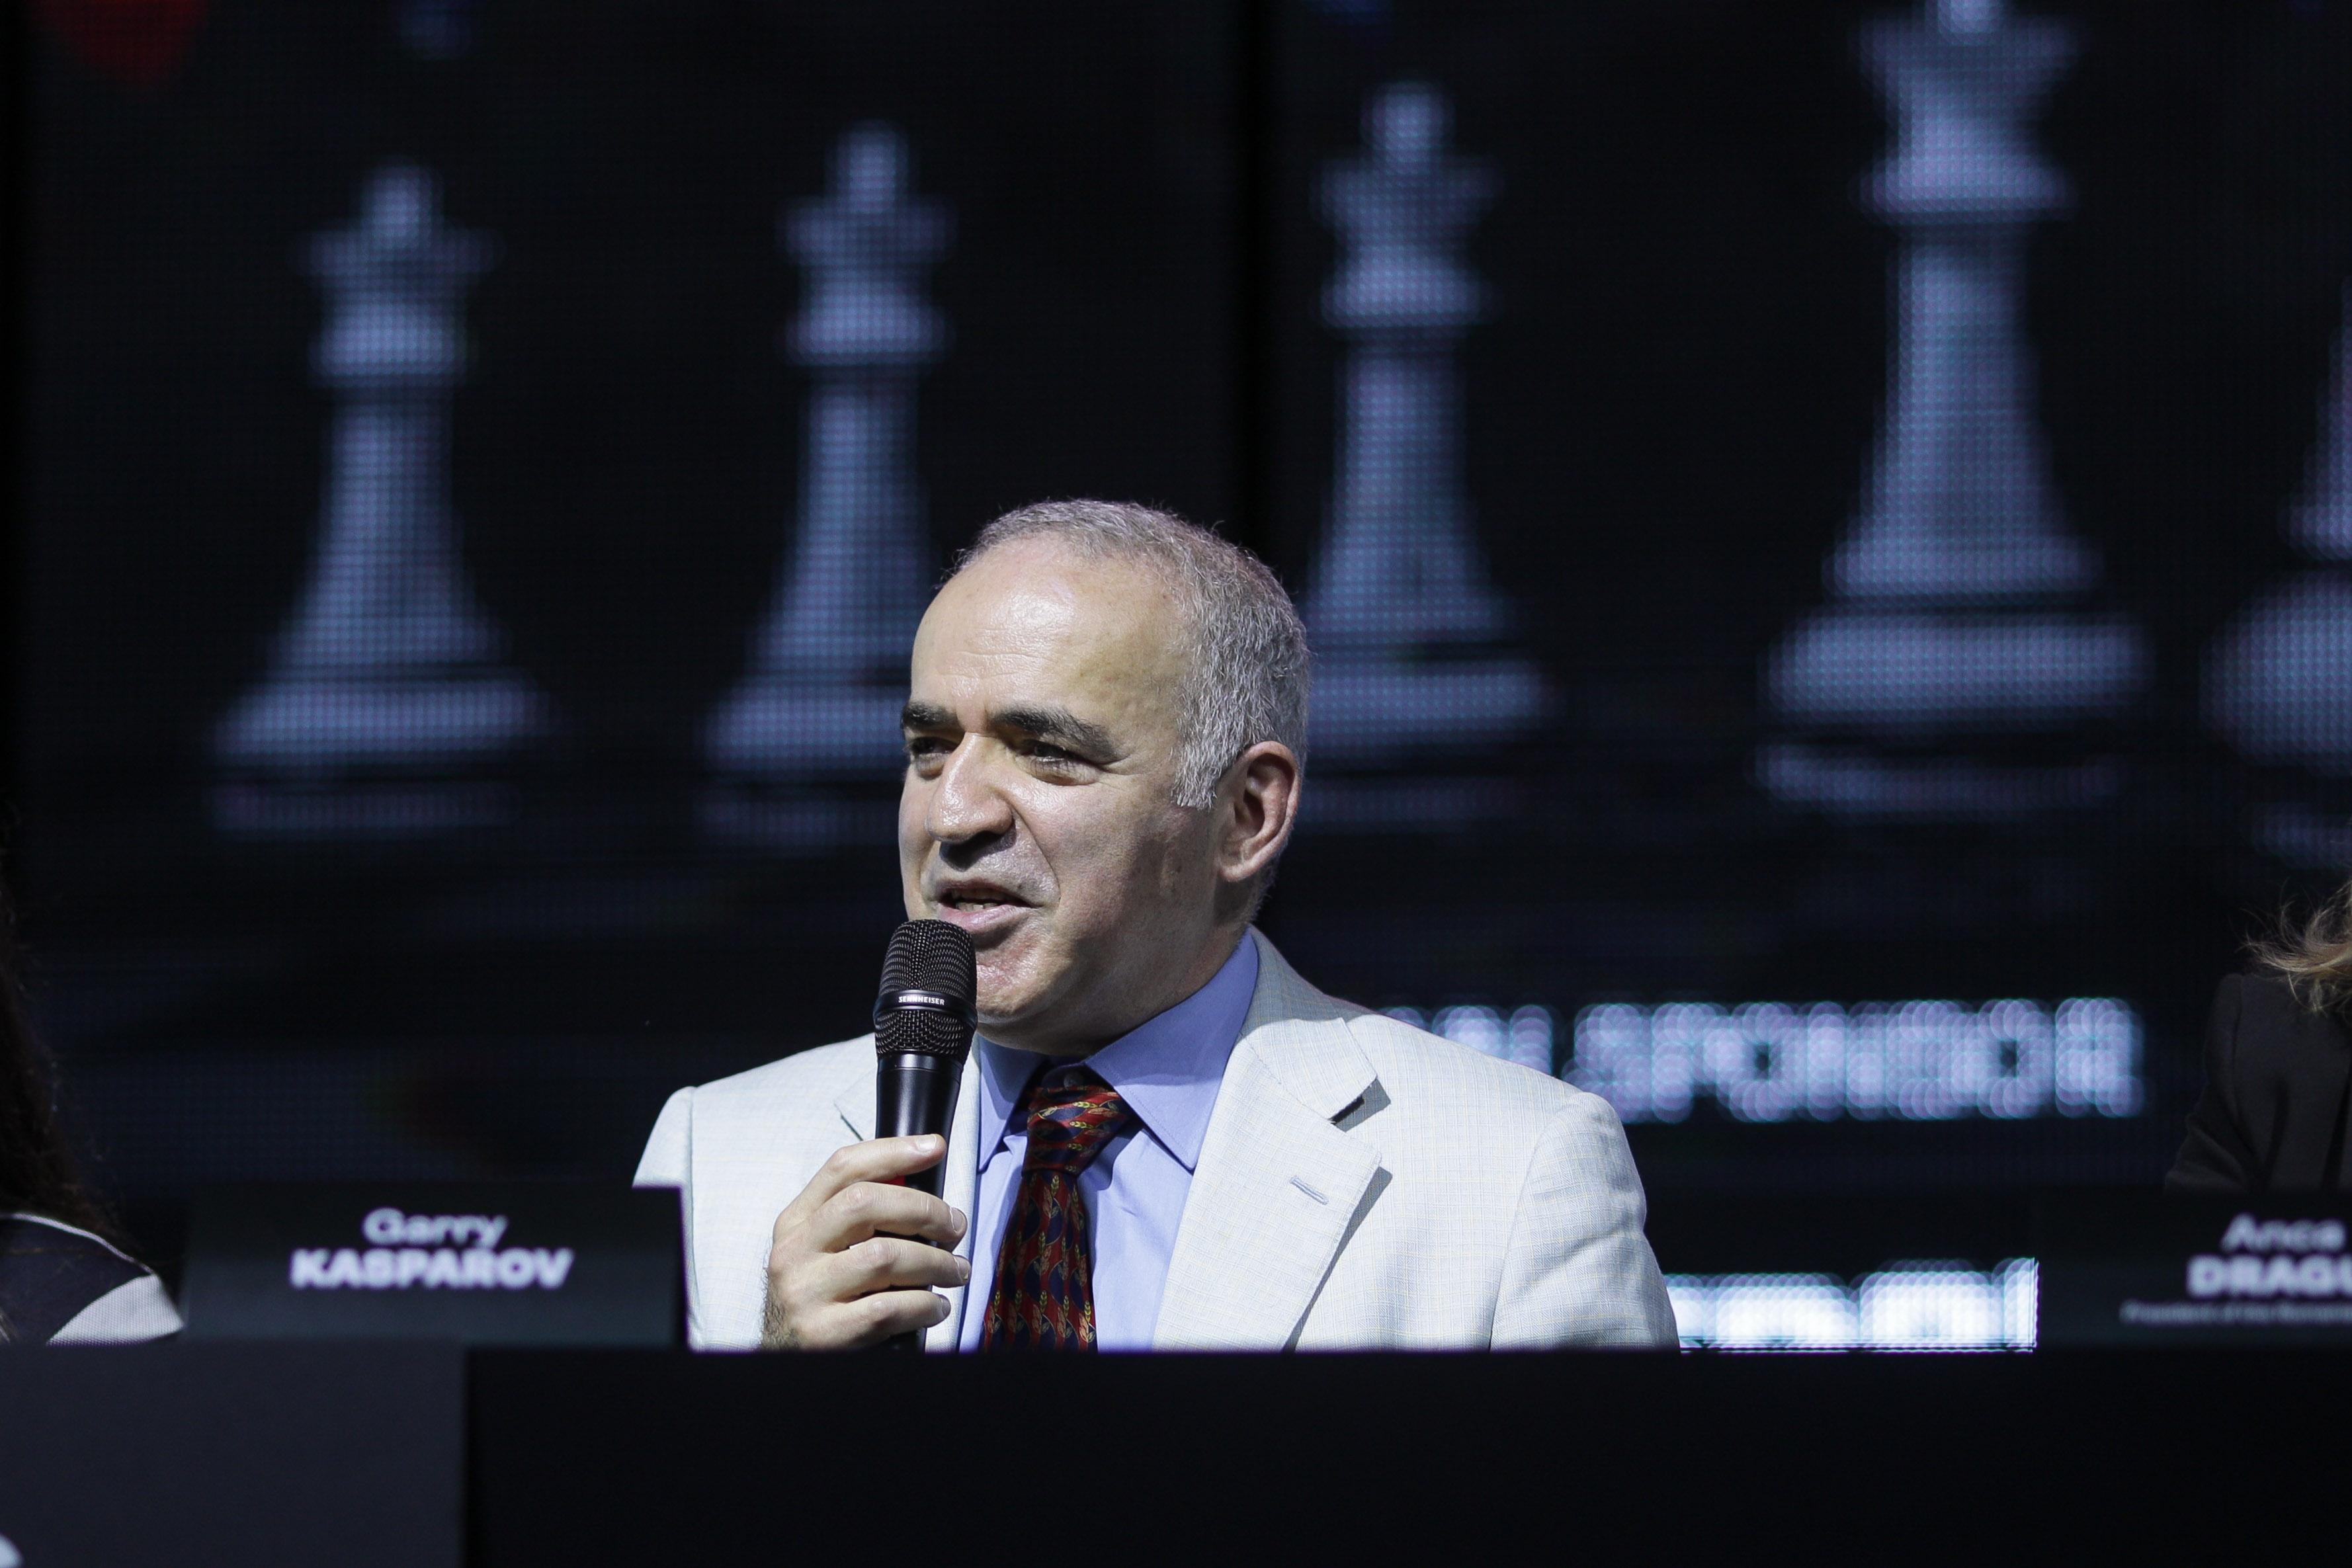 Marele maestru Garry Kasparov il critica pe Putin la Bucuresti: E un dictator, sper sa fie judecat